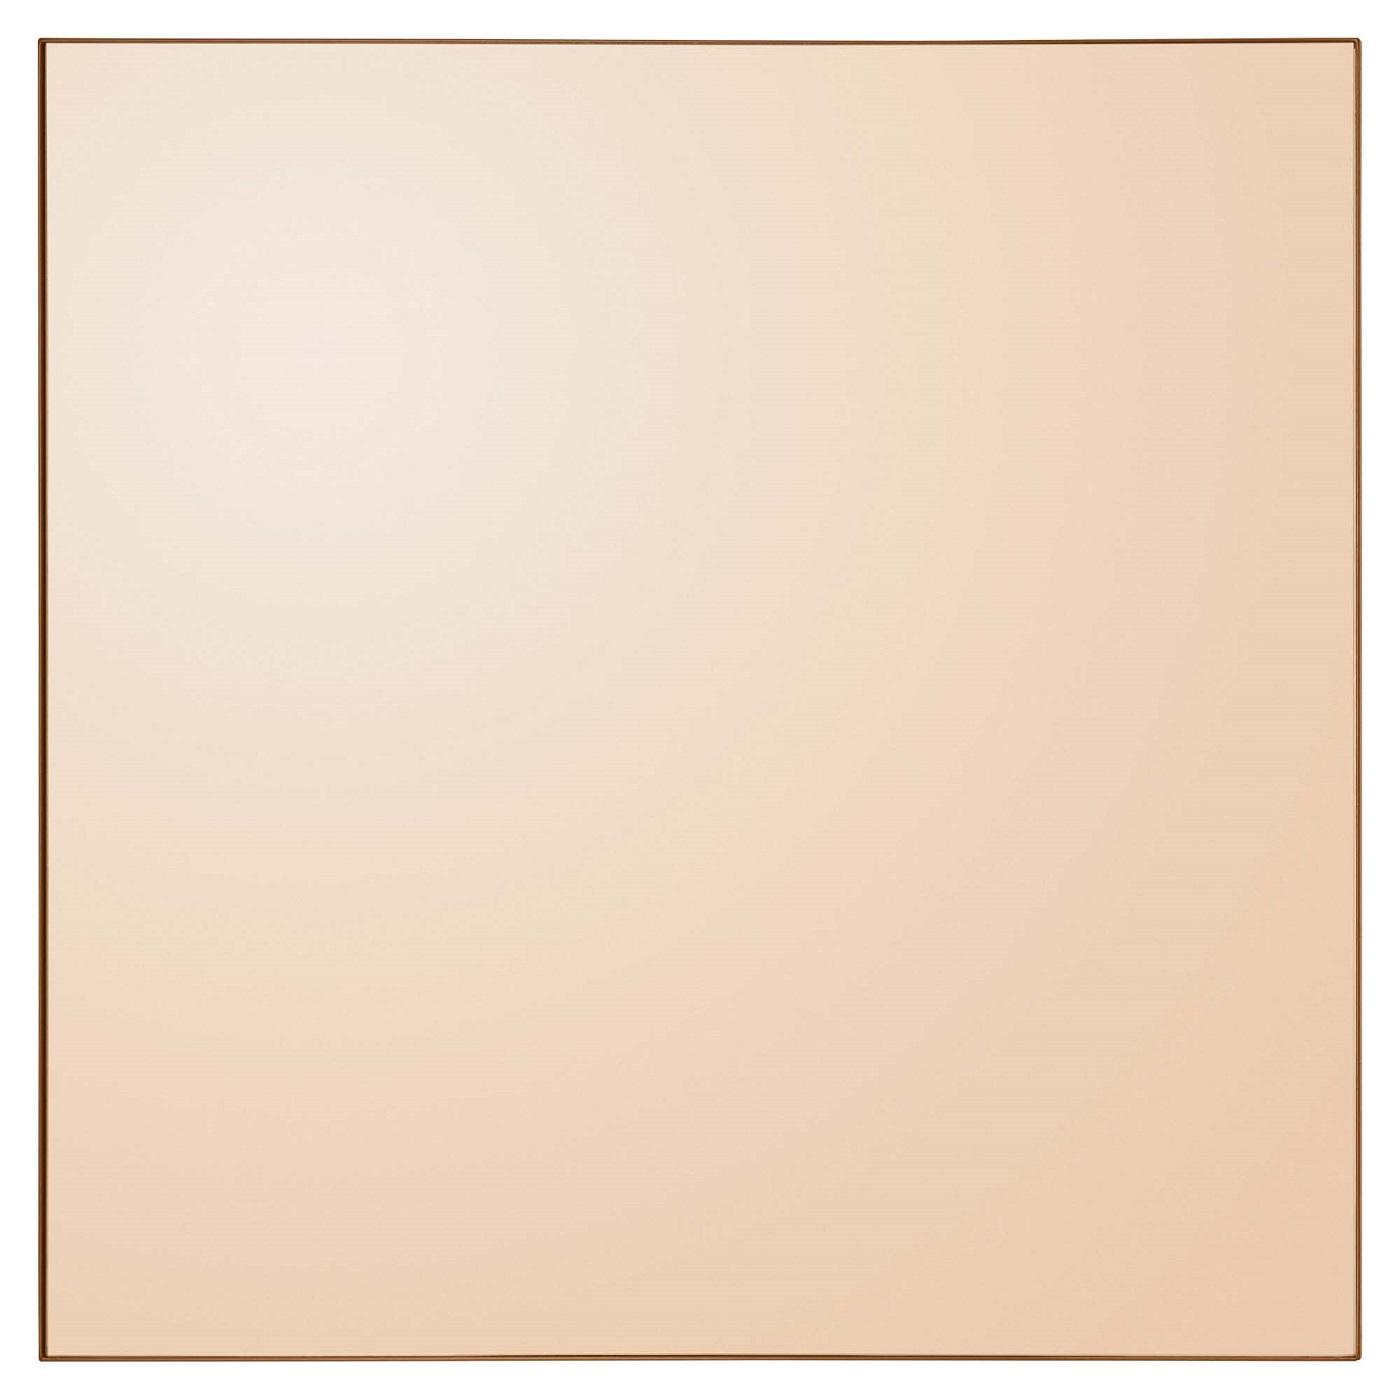 Aytm - Quadro Spejl 90x90 - Amber AYTM